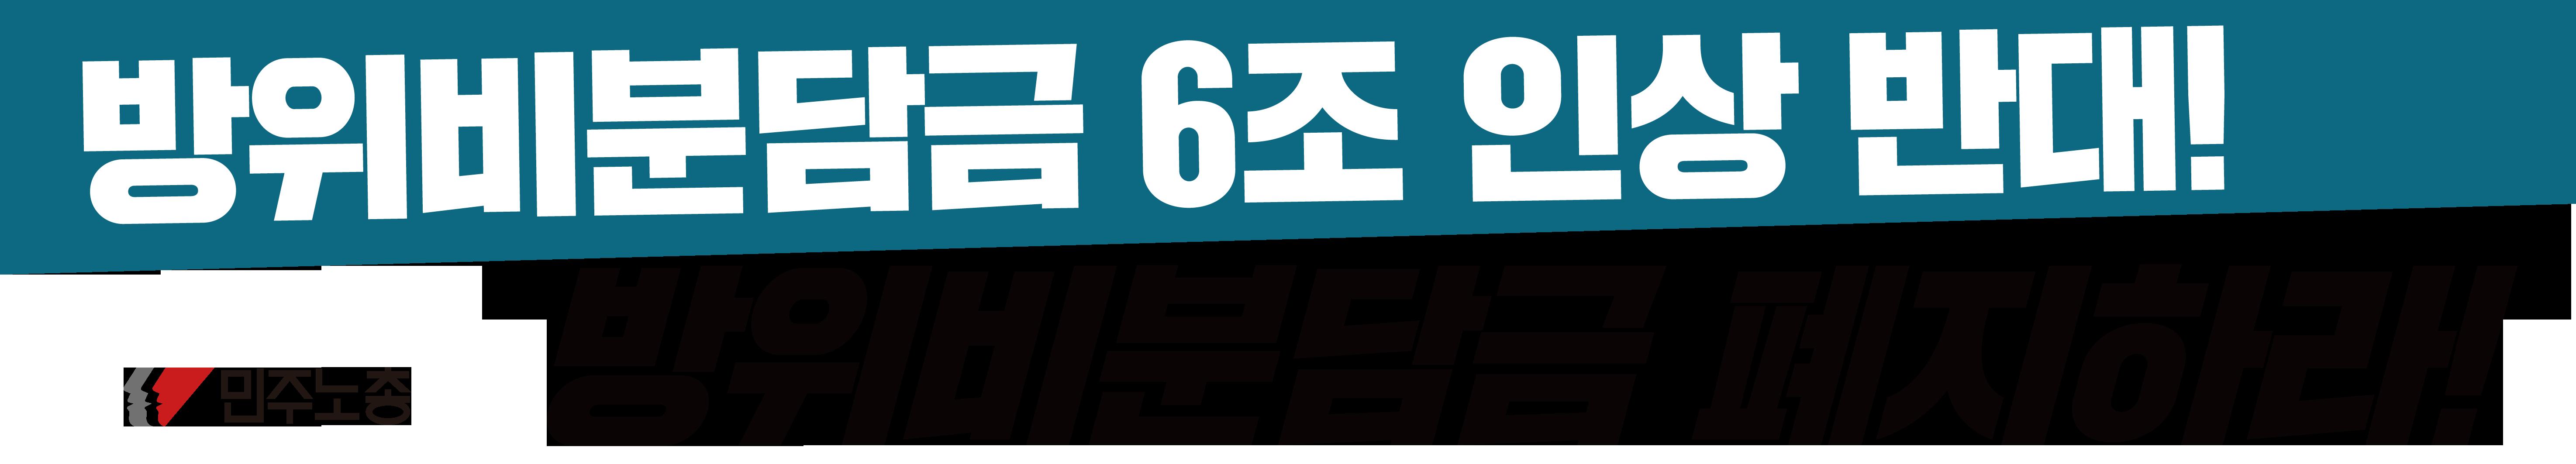 현수막3 사본.png